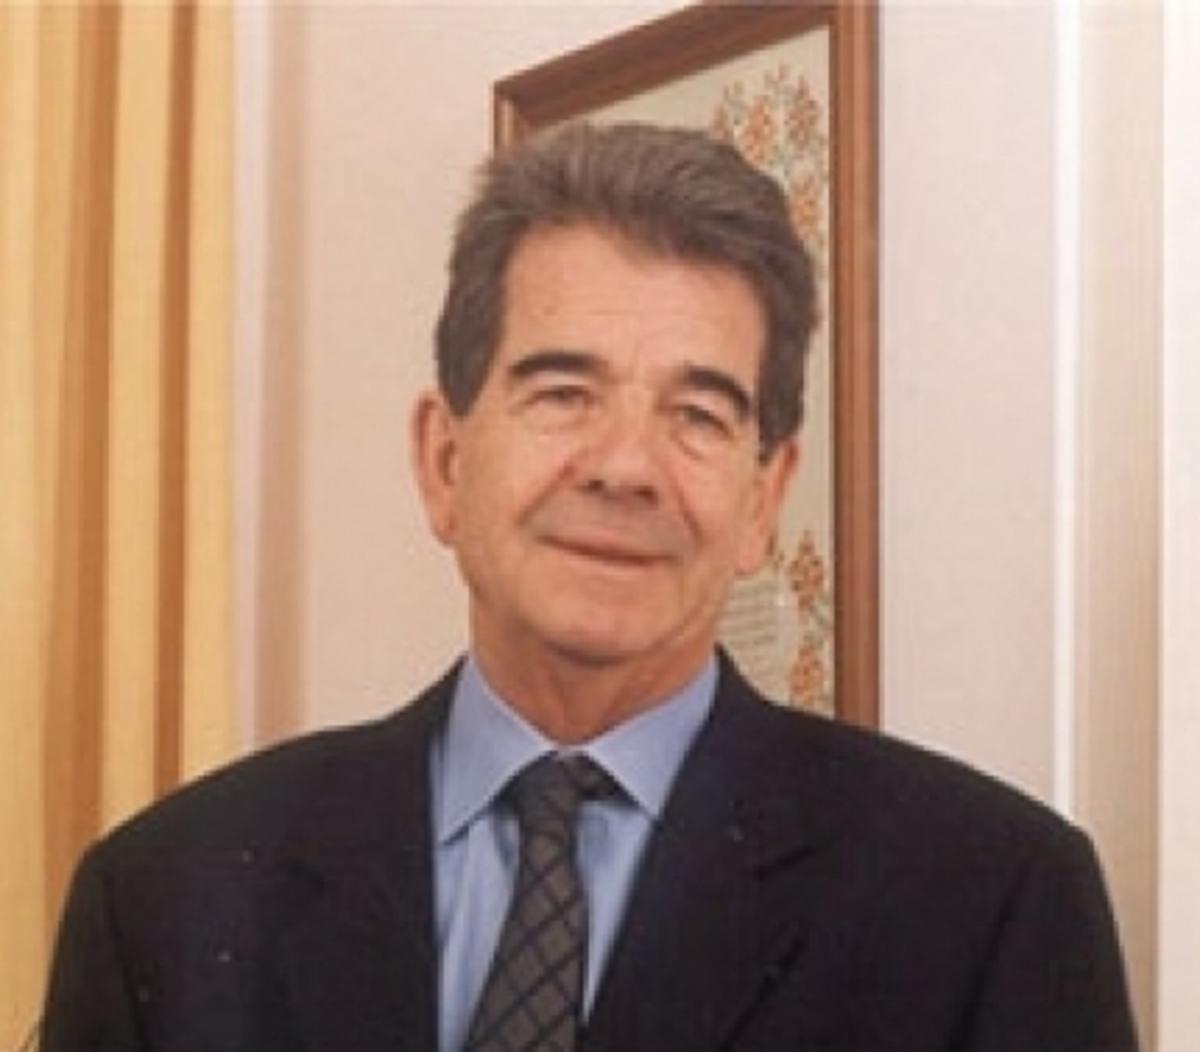 Κρήτη: Πέθανε ο πασίγνωστος επιχειρηματίας Μιλτιάδης Καράτζης! | Newsit.gr